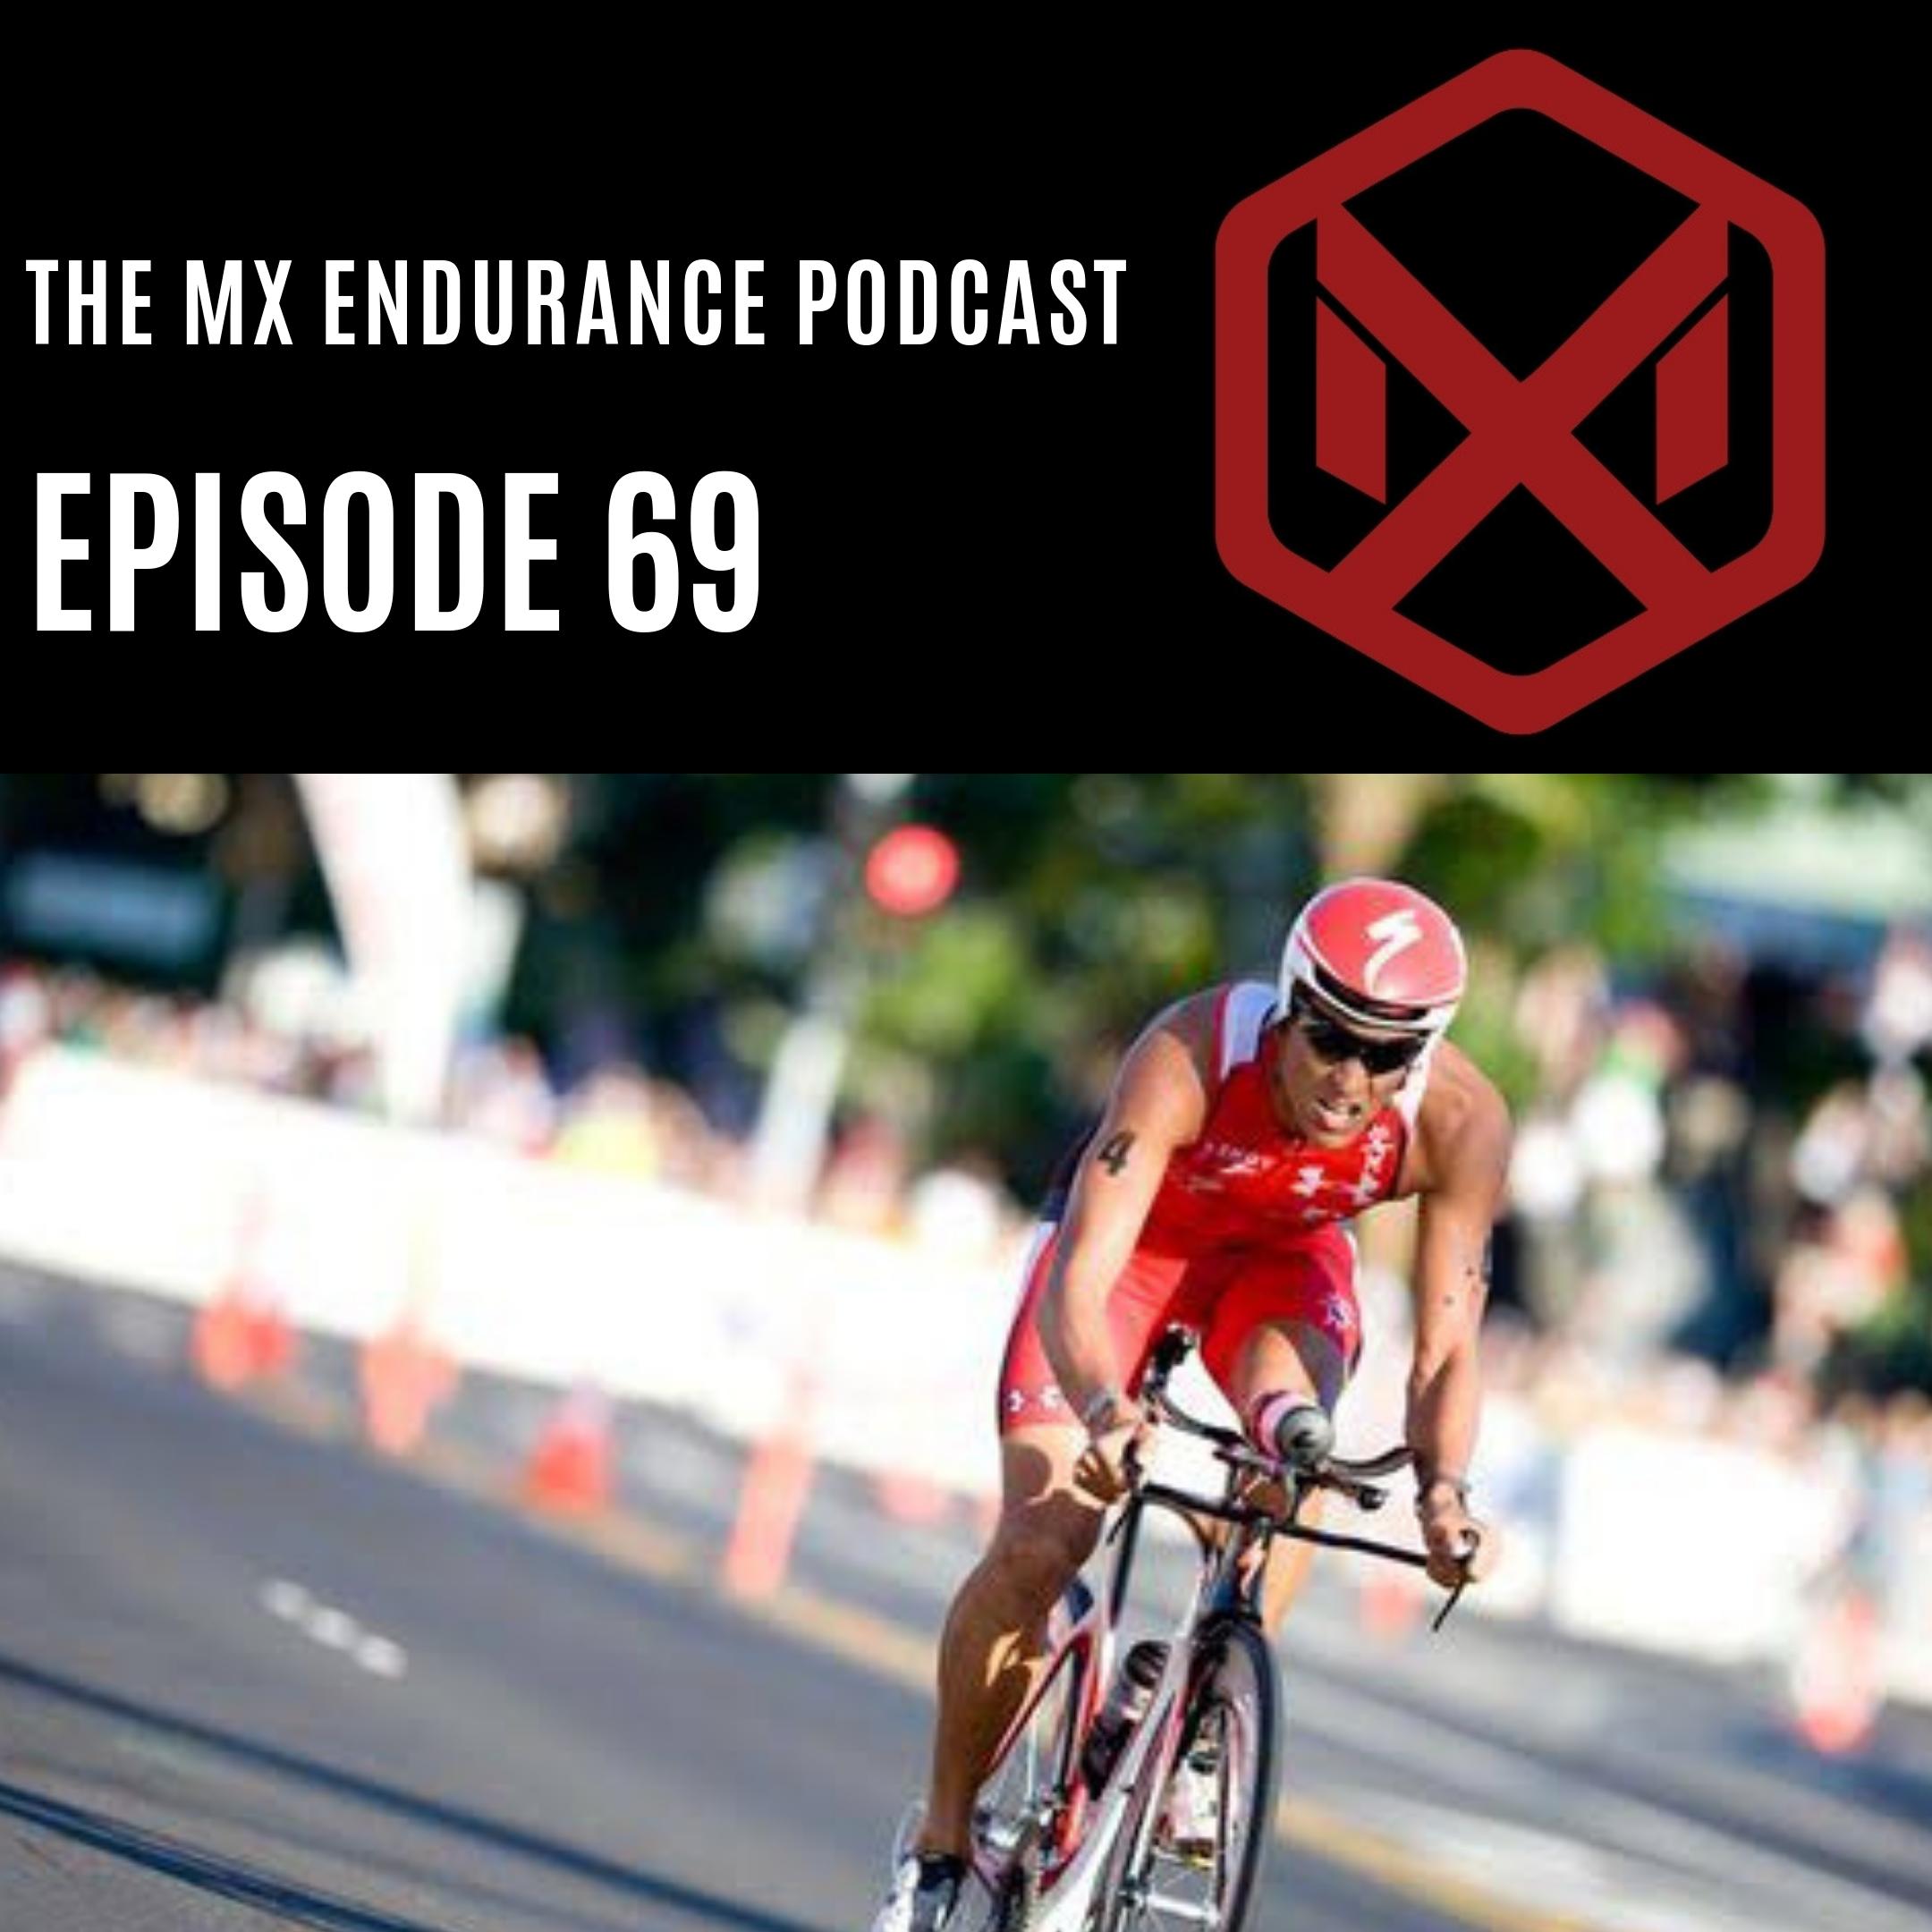 #69 - Macca's Guide To The Bike